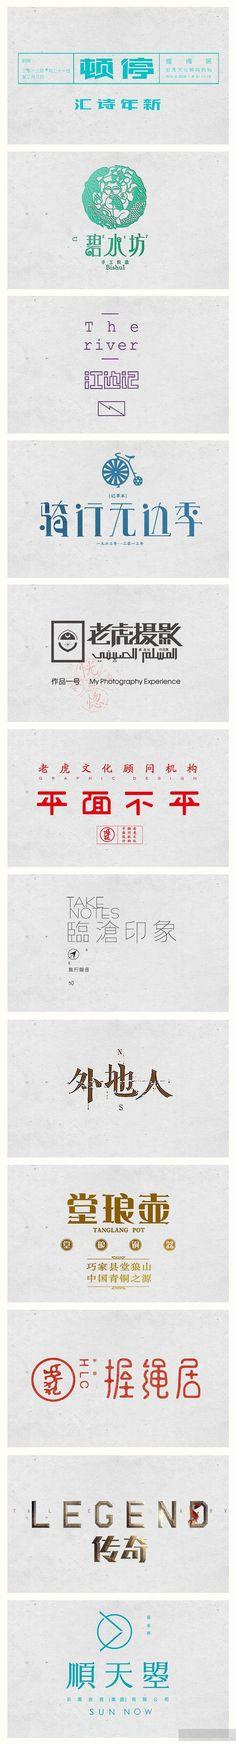 一组优秀中文字体设计欣赏